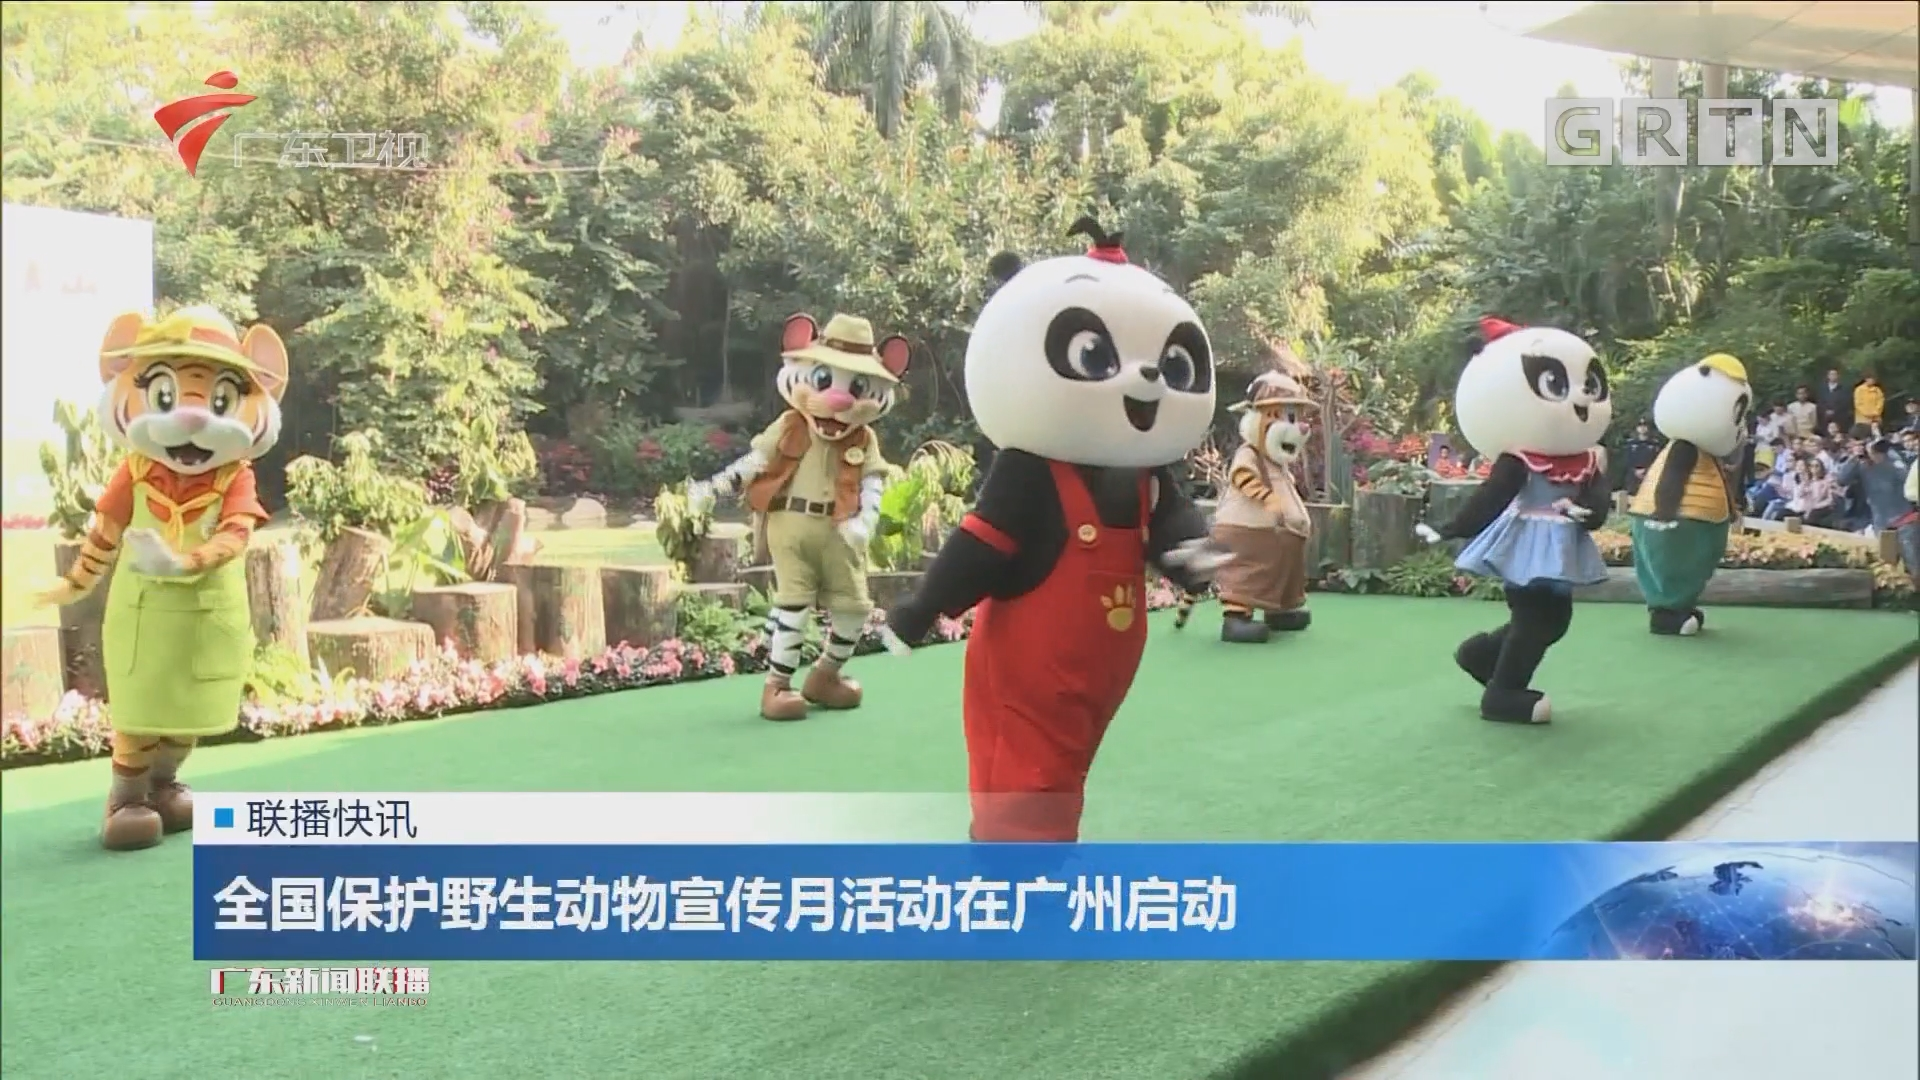 全国保护野生动物宣传月活动在广州启动